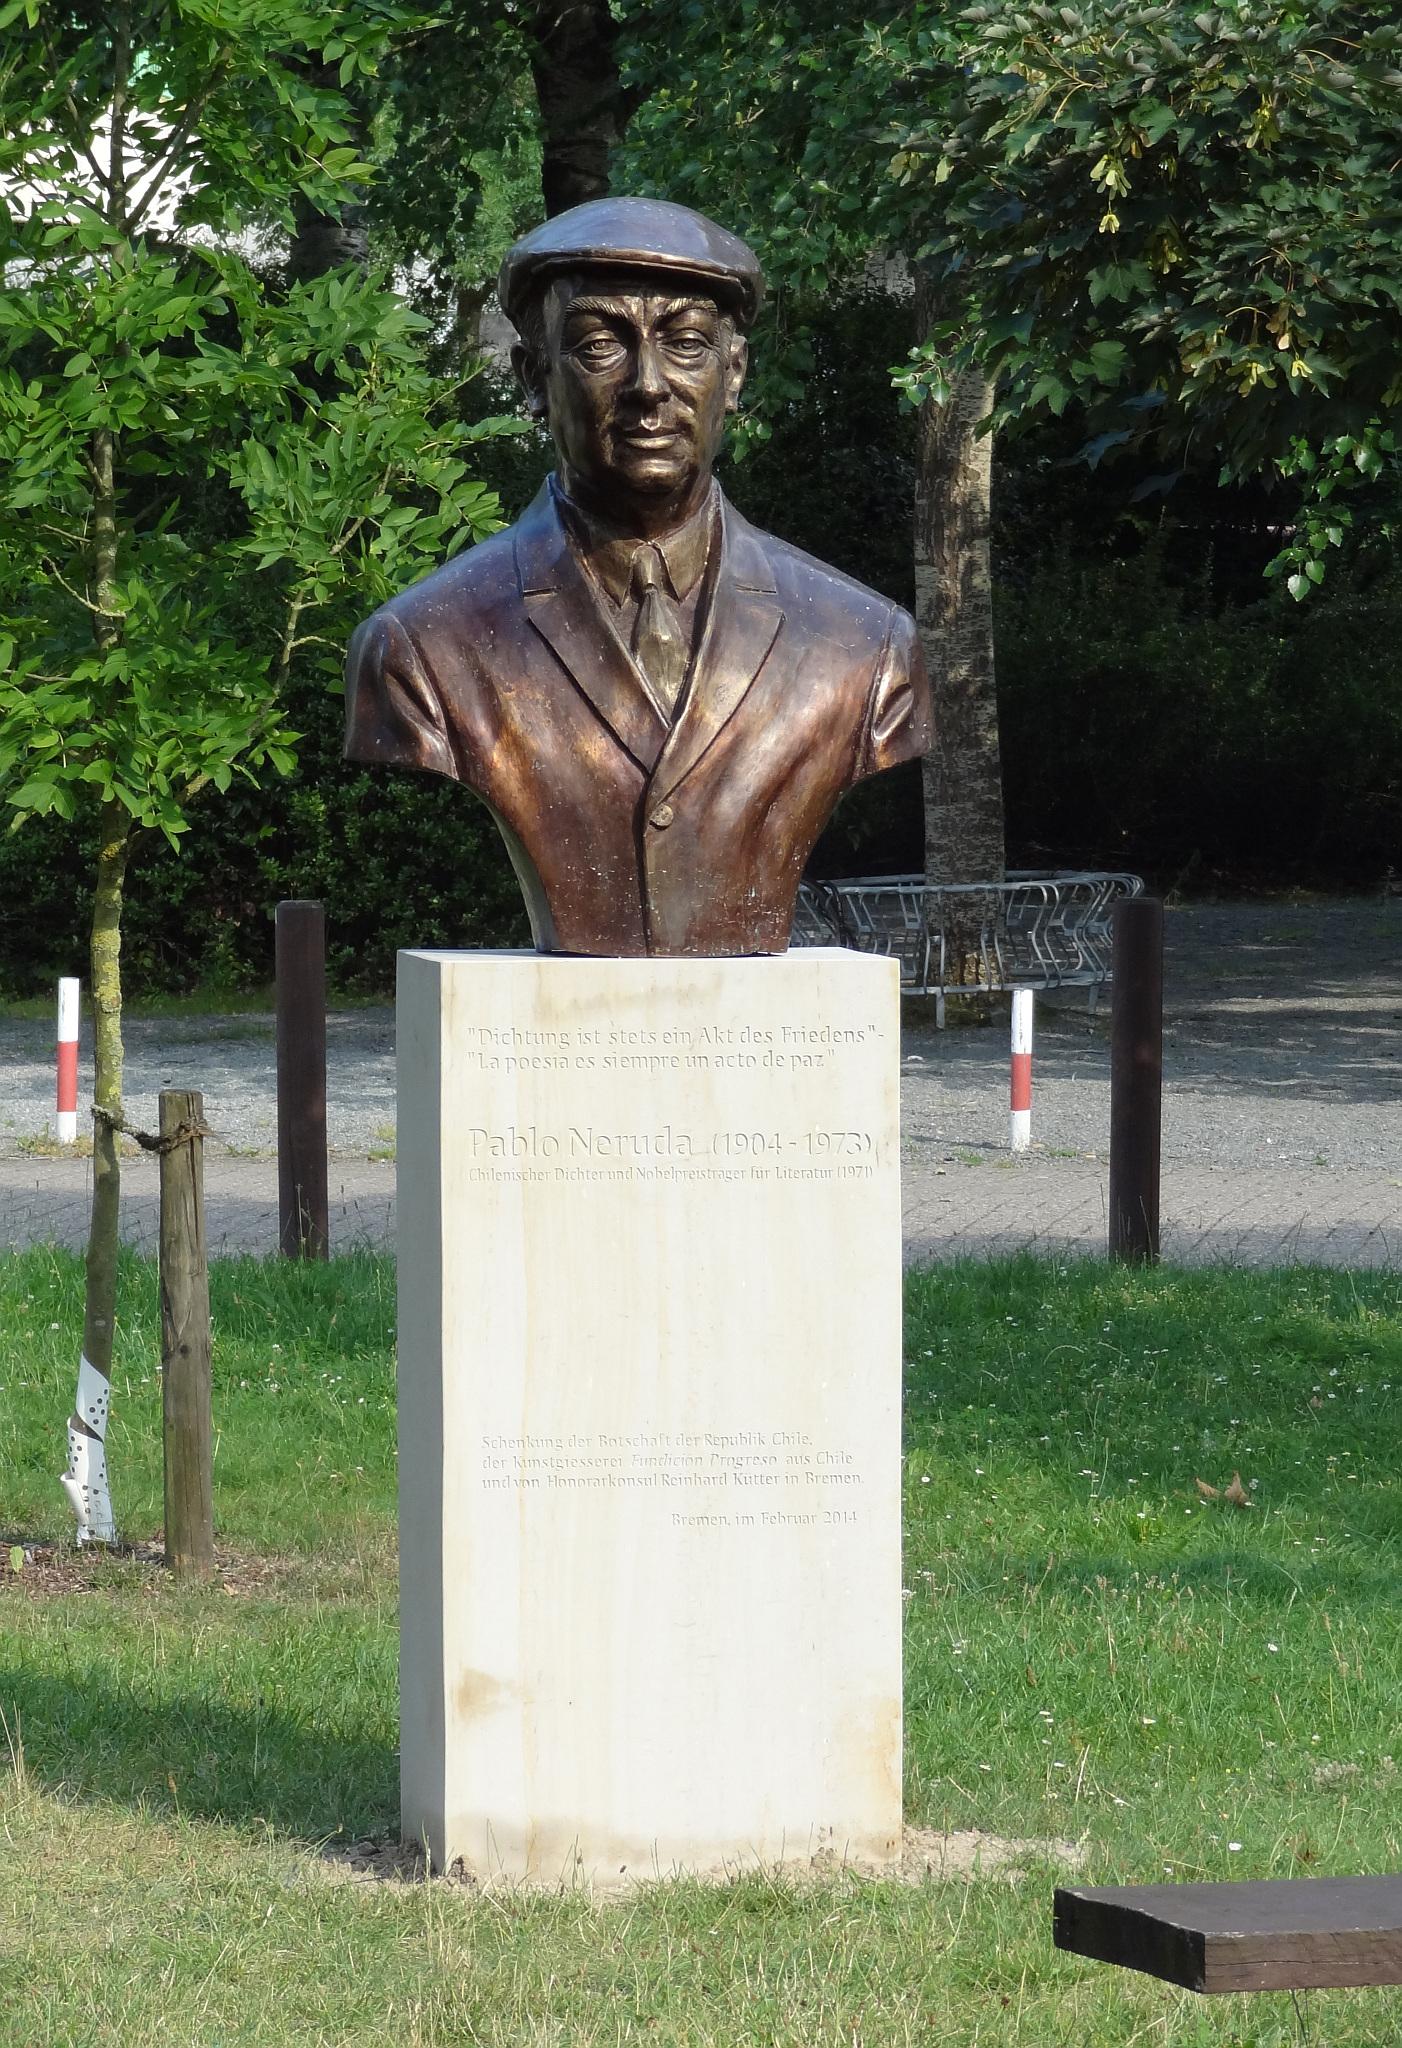 Busto de Neruda en Bremen.